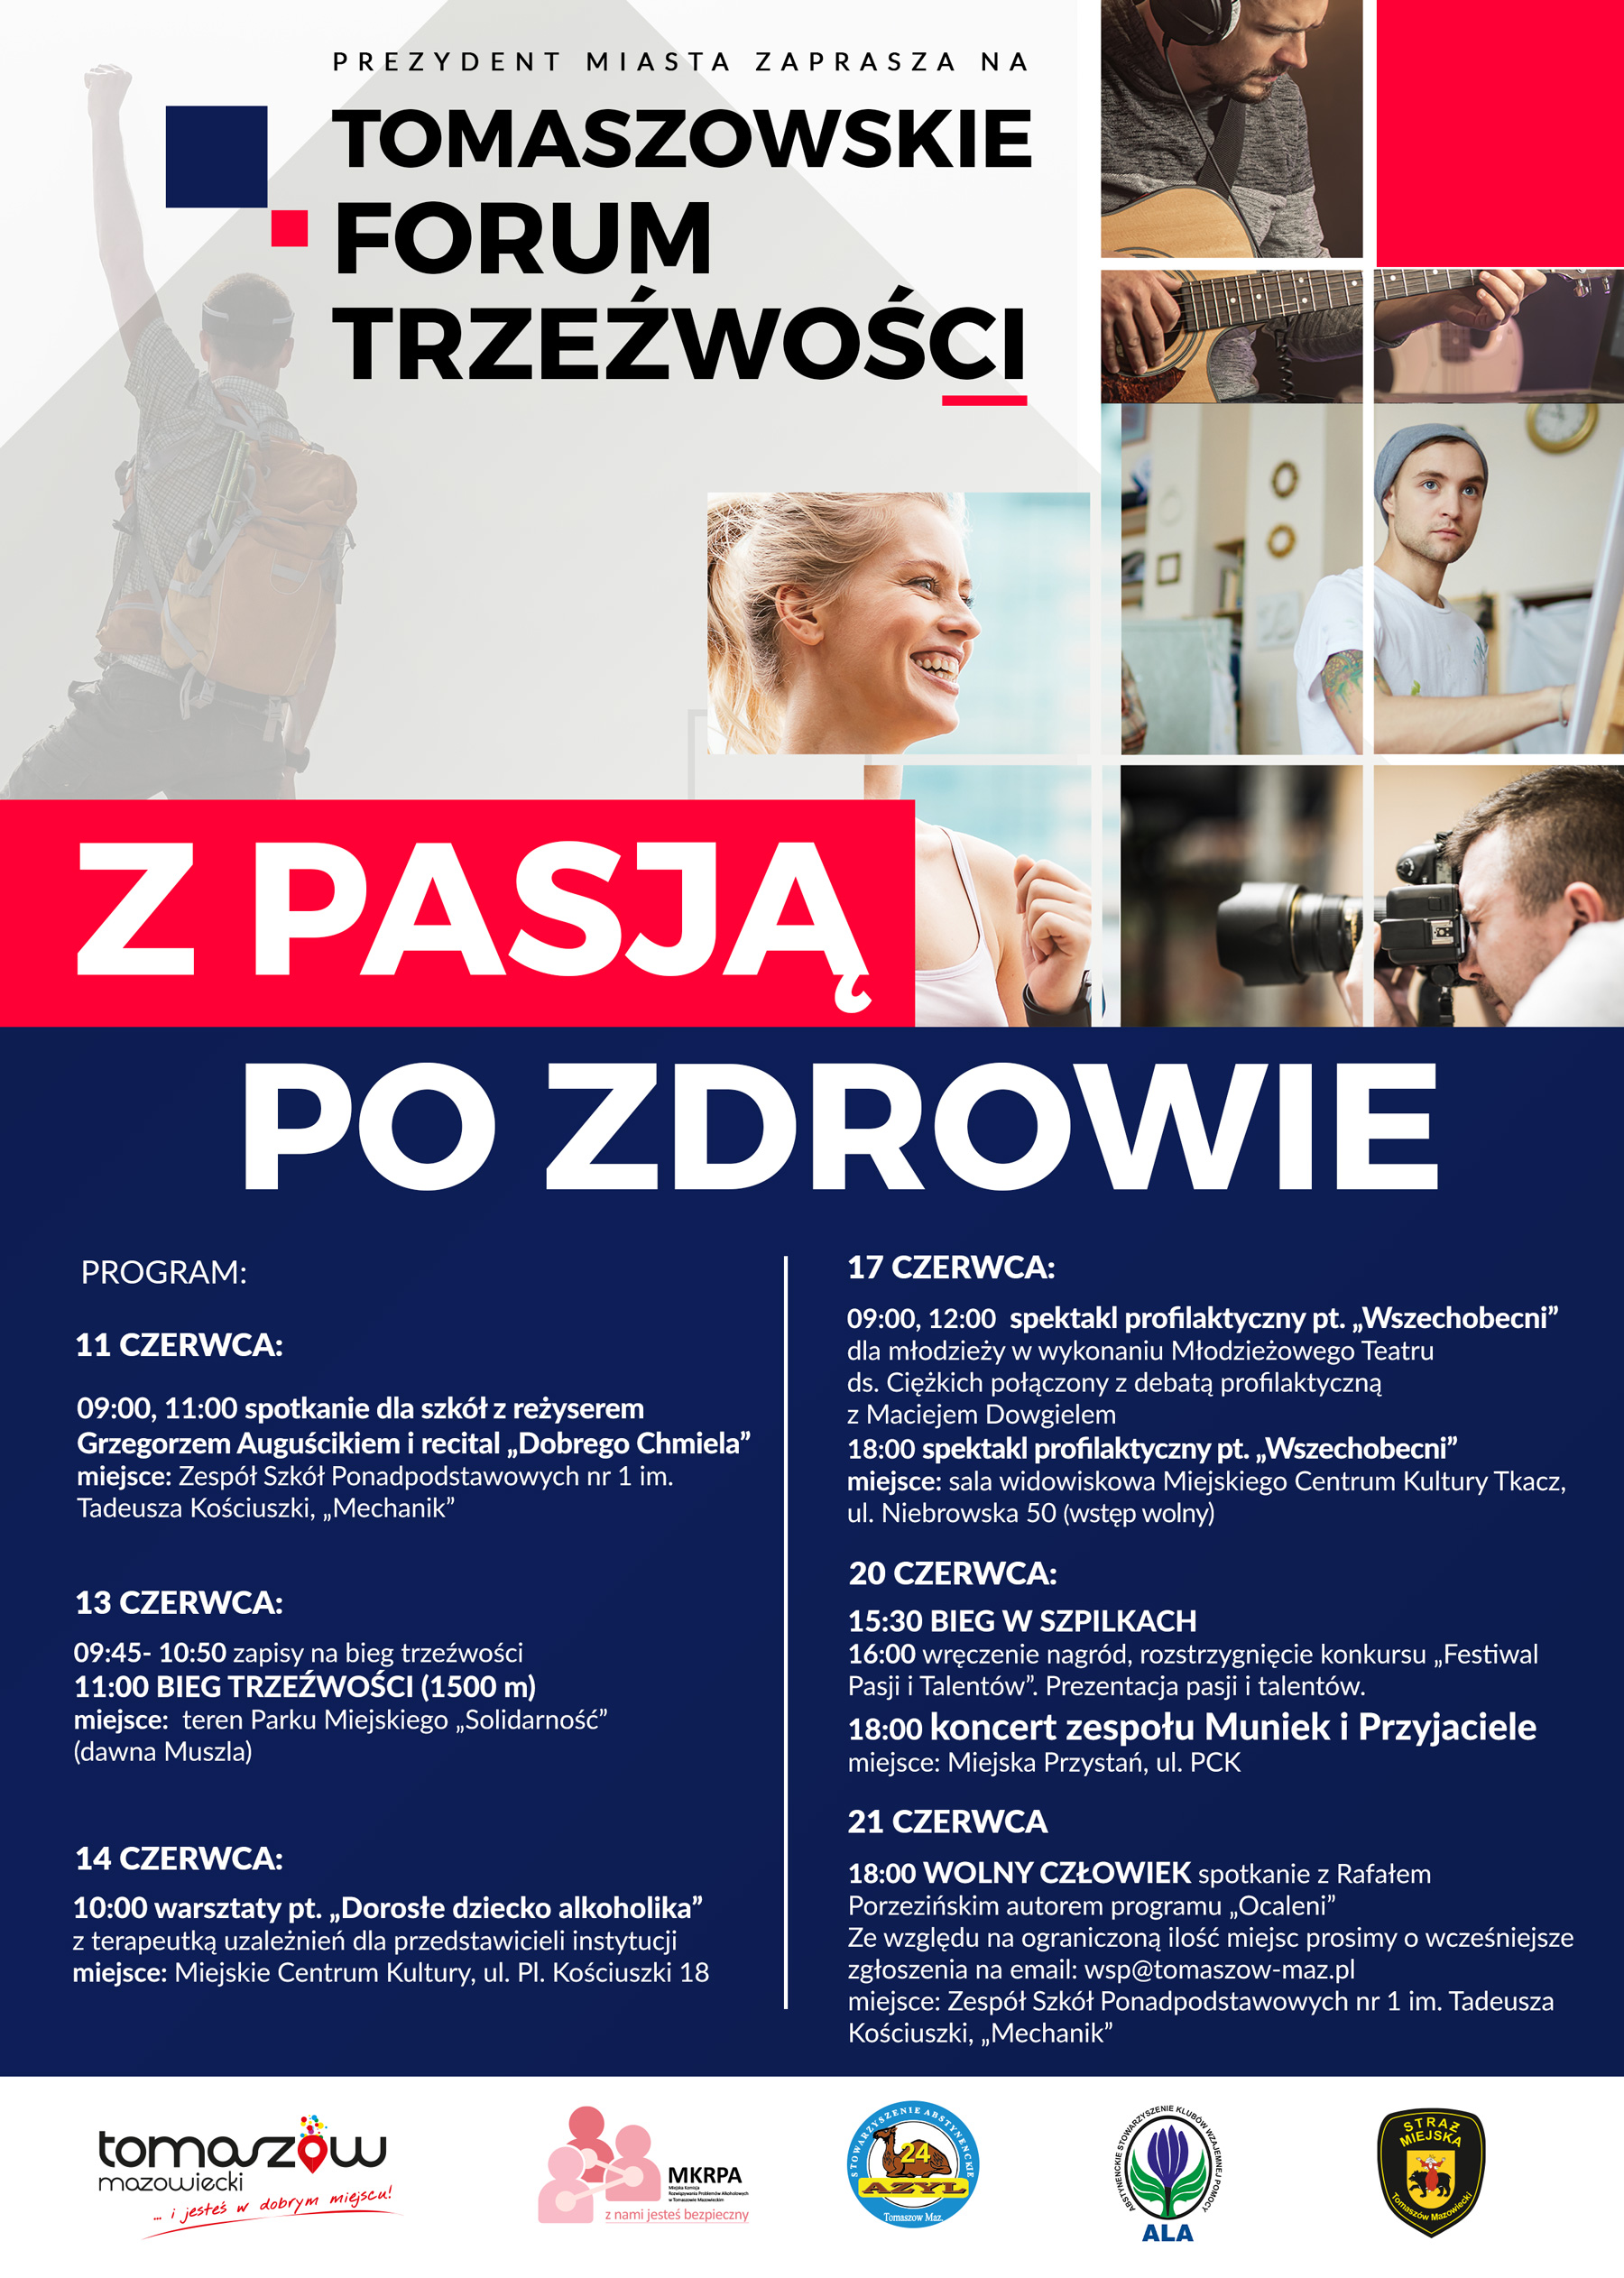 Tomaszowskie Forum Trzeźwości